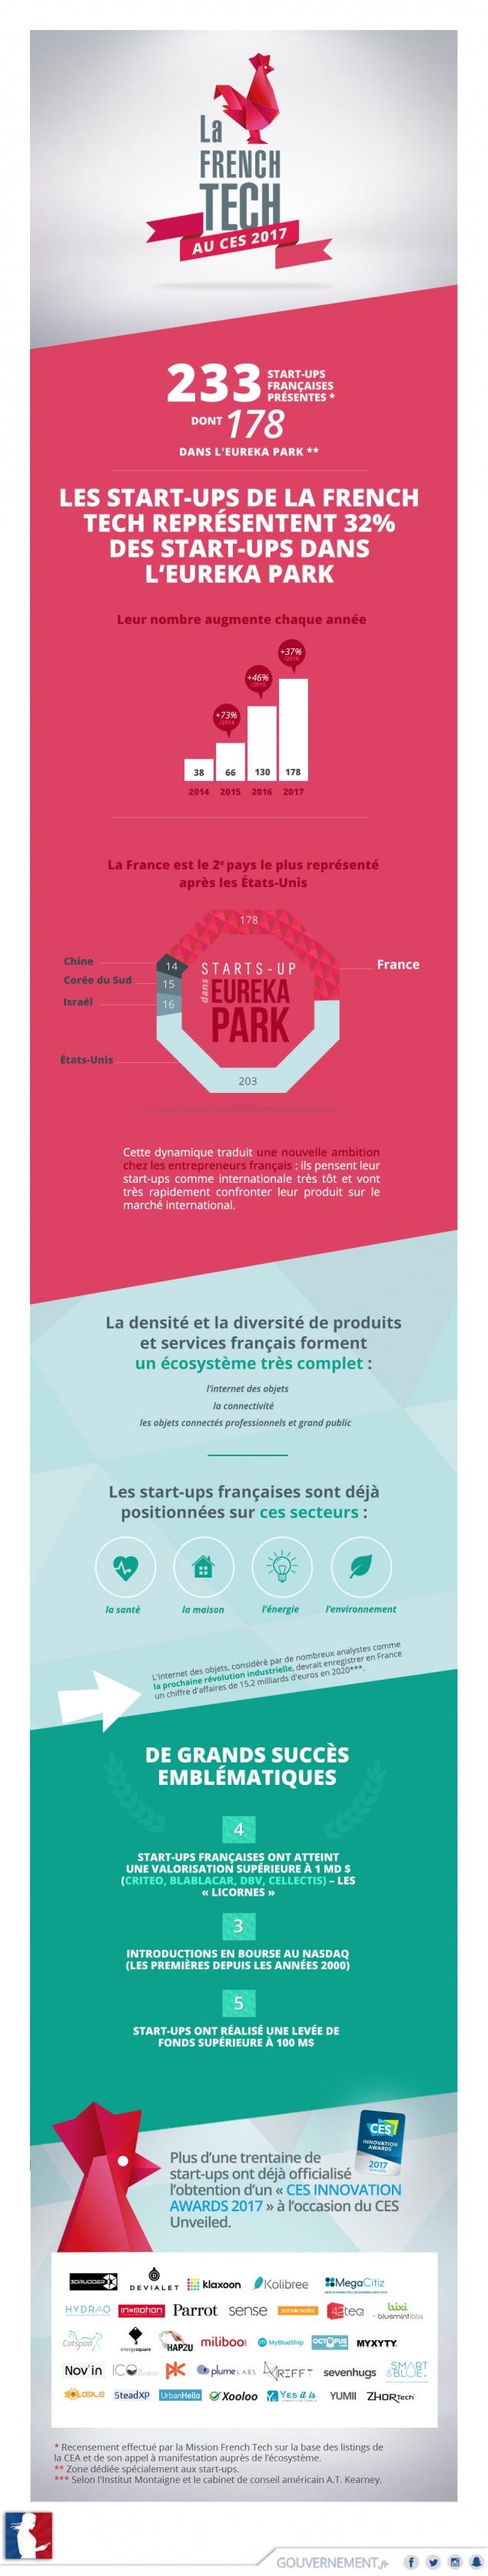 La #FrenchTech au CES 2017